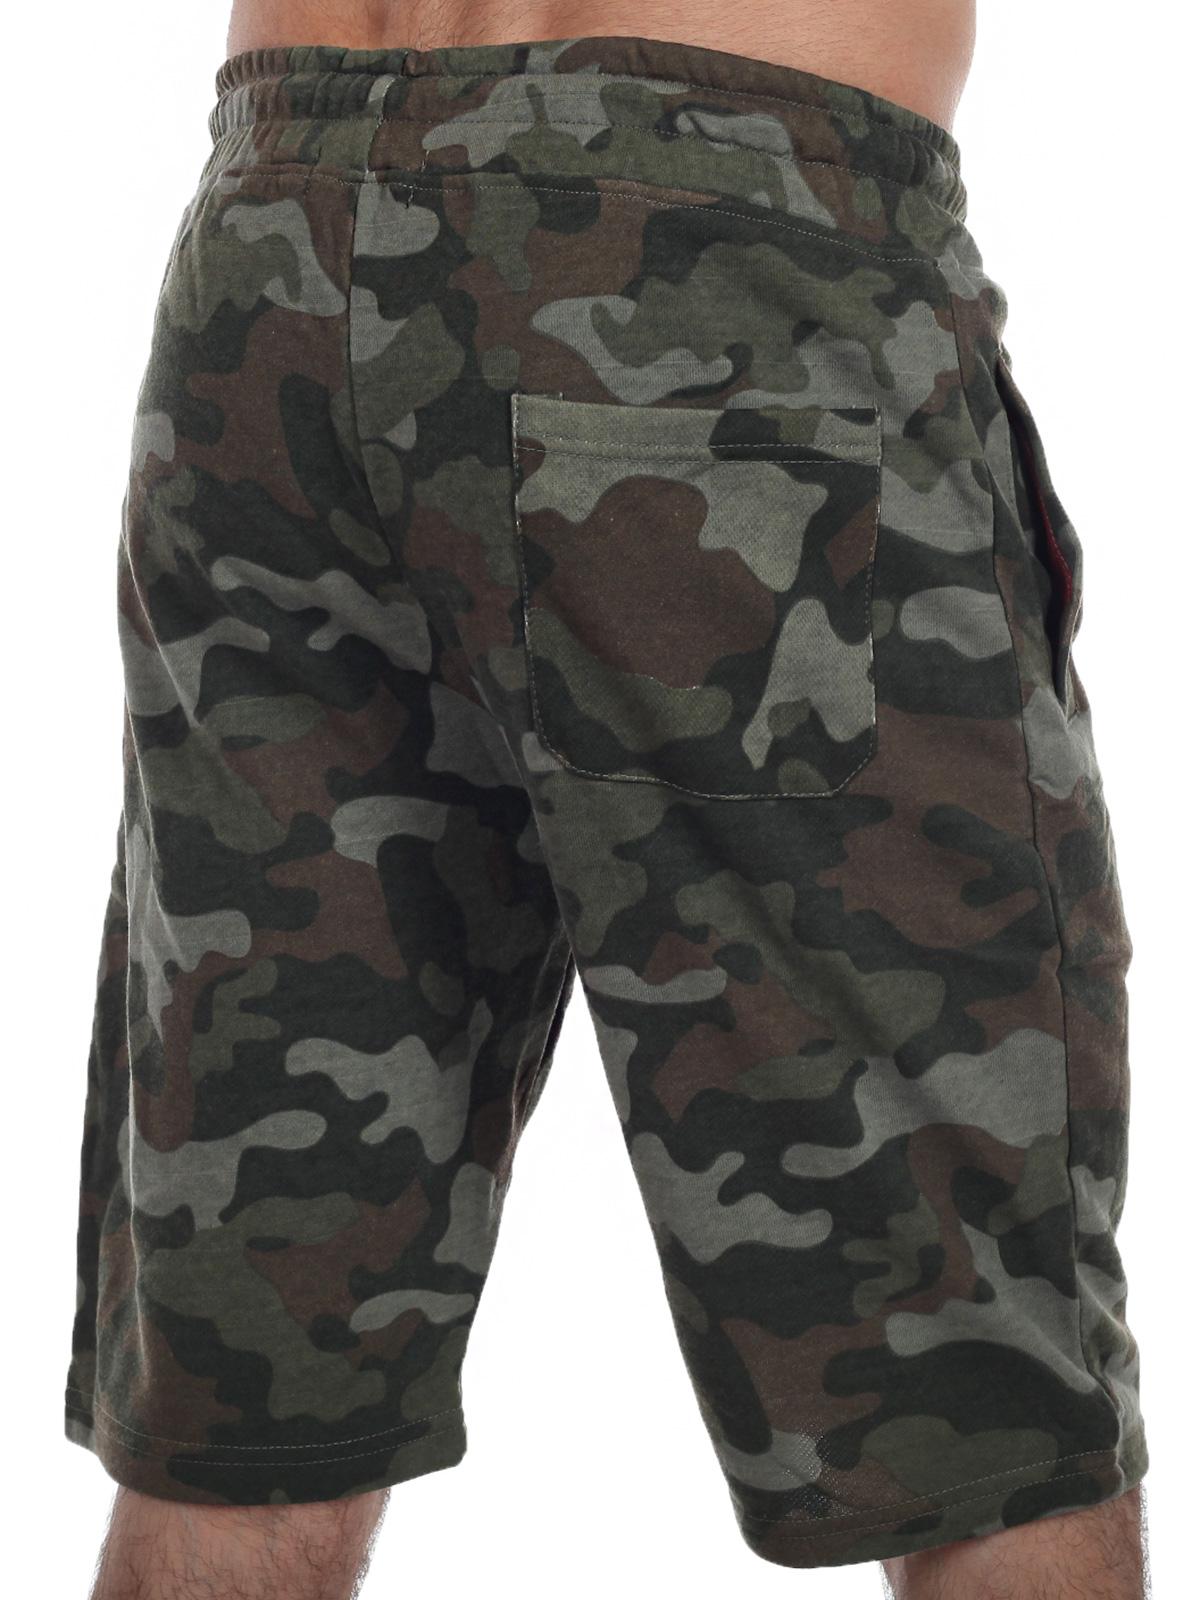 Армейские удлиненные милитари шорты с нашивкой Росгвардия - заказать выгодно